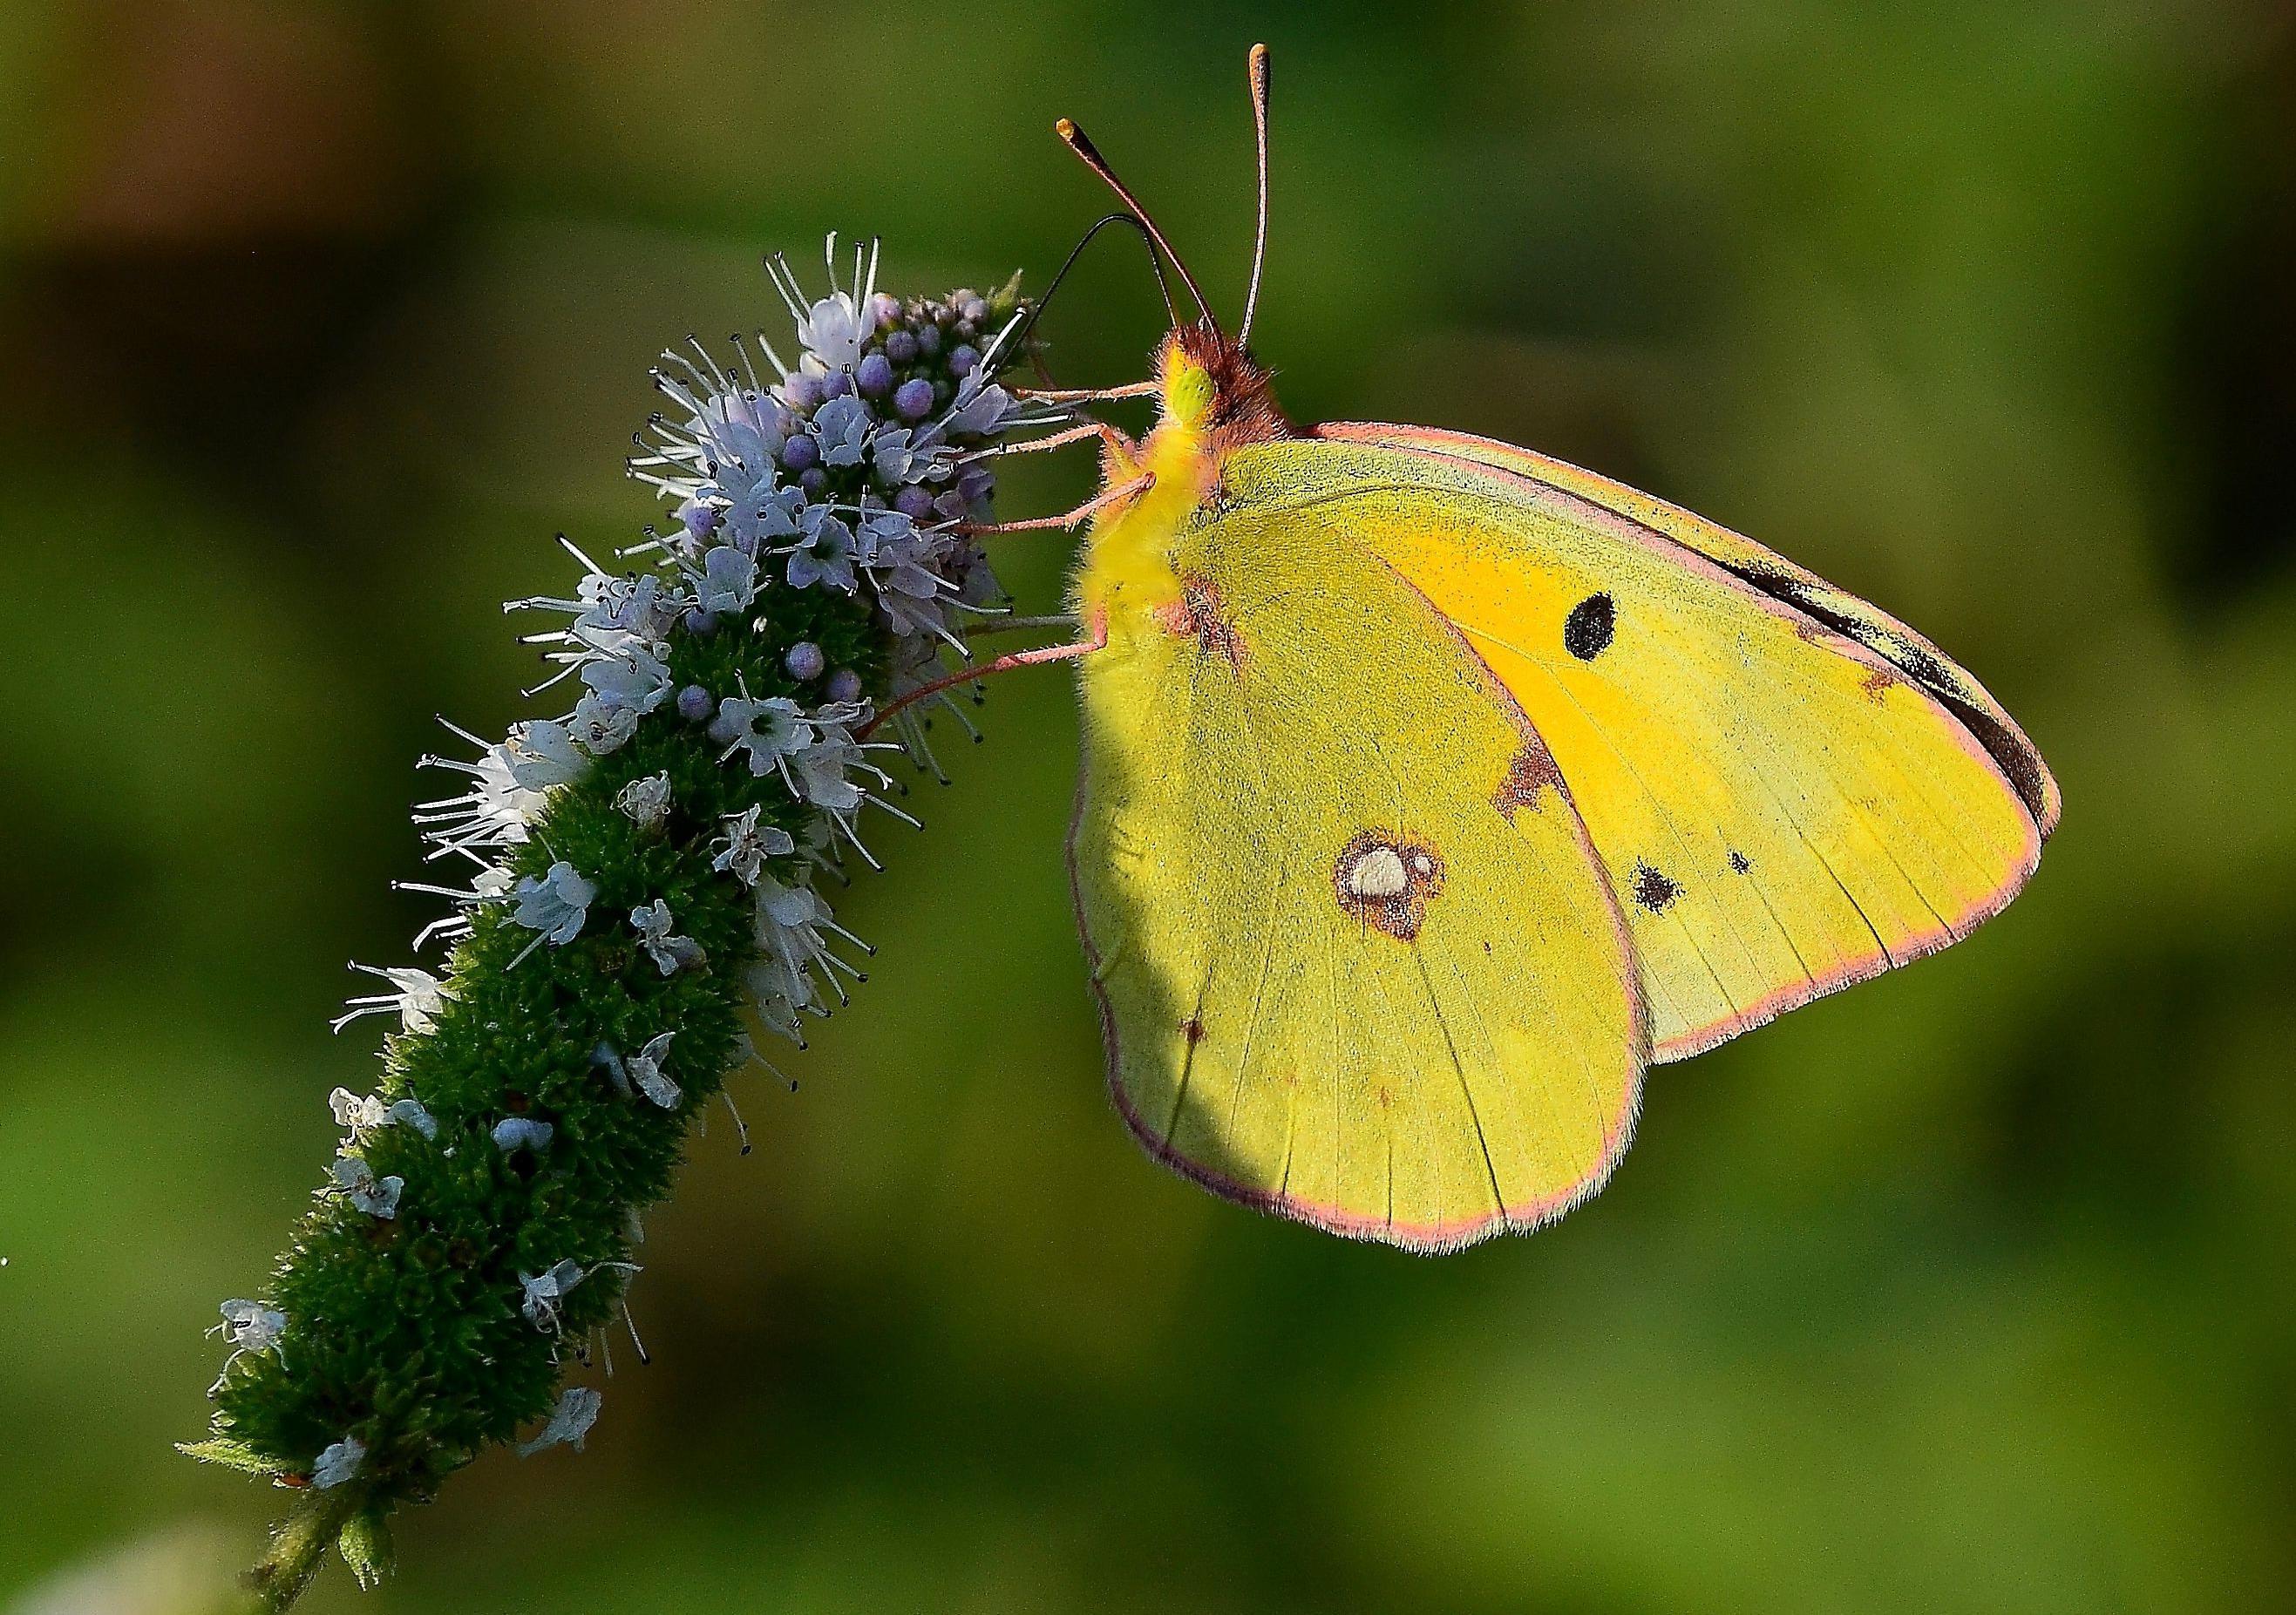 Image libre papillon insecte nature fleur invert br t papillon de nuit - Invasion papillon de nuit ...